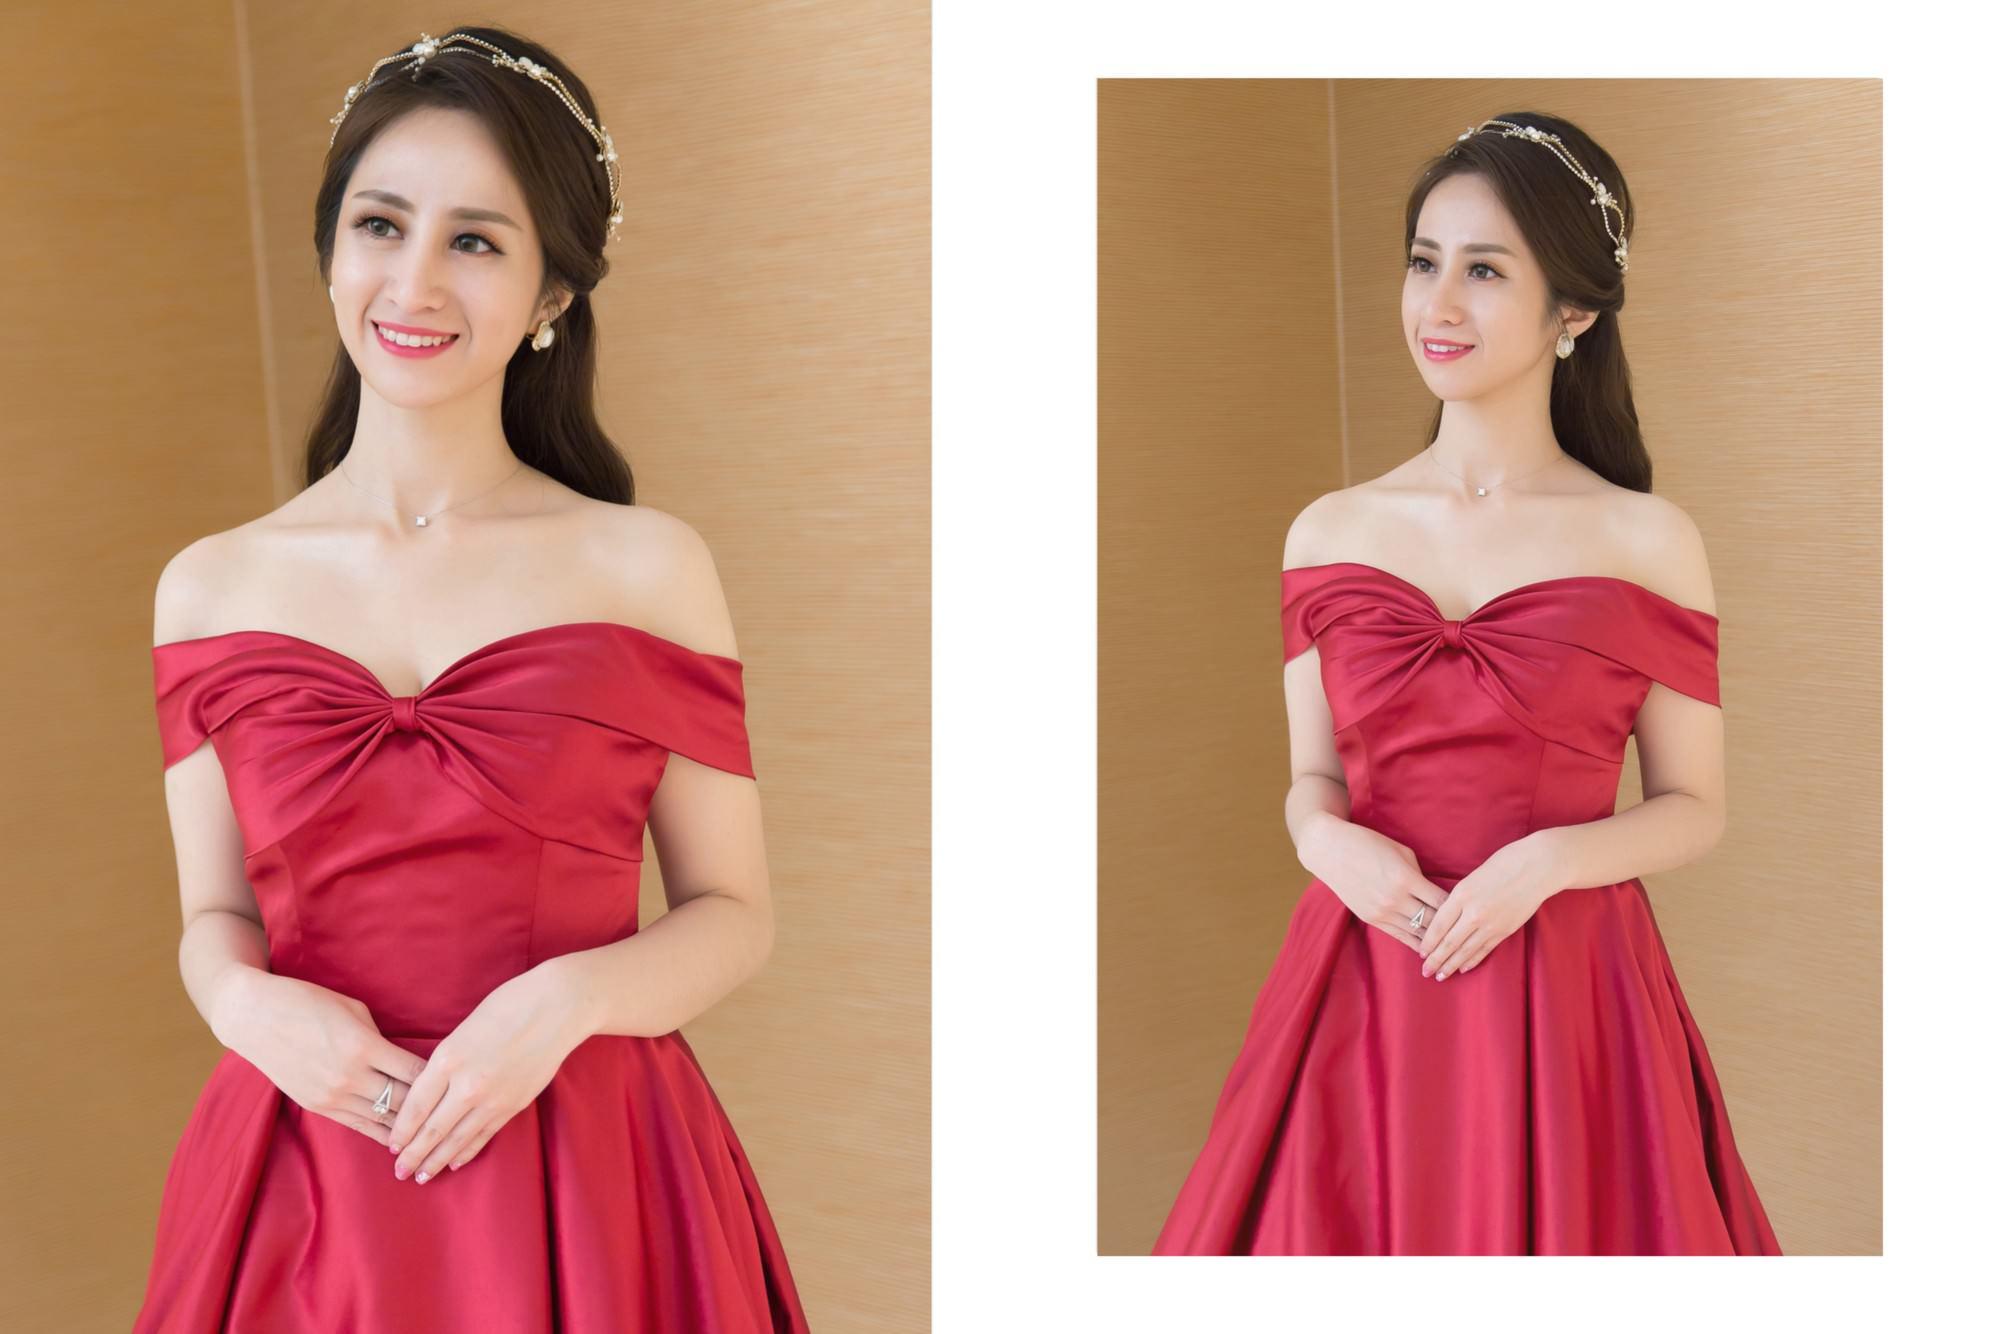 新娘秘書,新秘,新娘造型, 高雄新秘, 公主頭造型,紅色禮服,白紗造型, 皇冠造型,新娘髮型,新娘妝容, 林皇宮